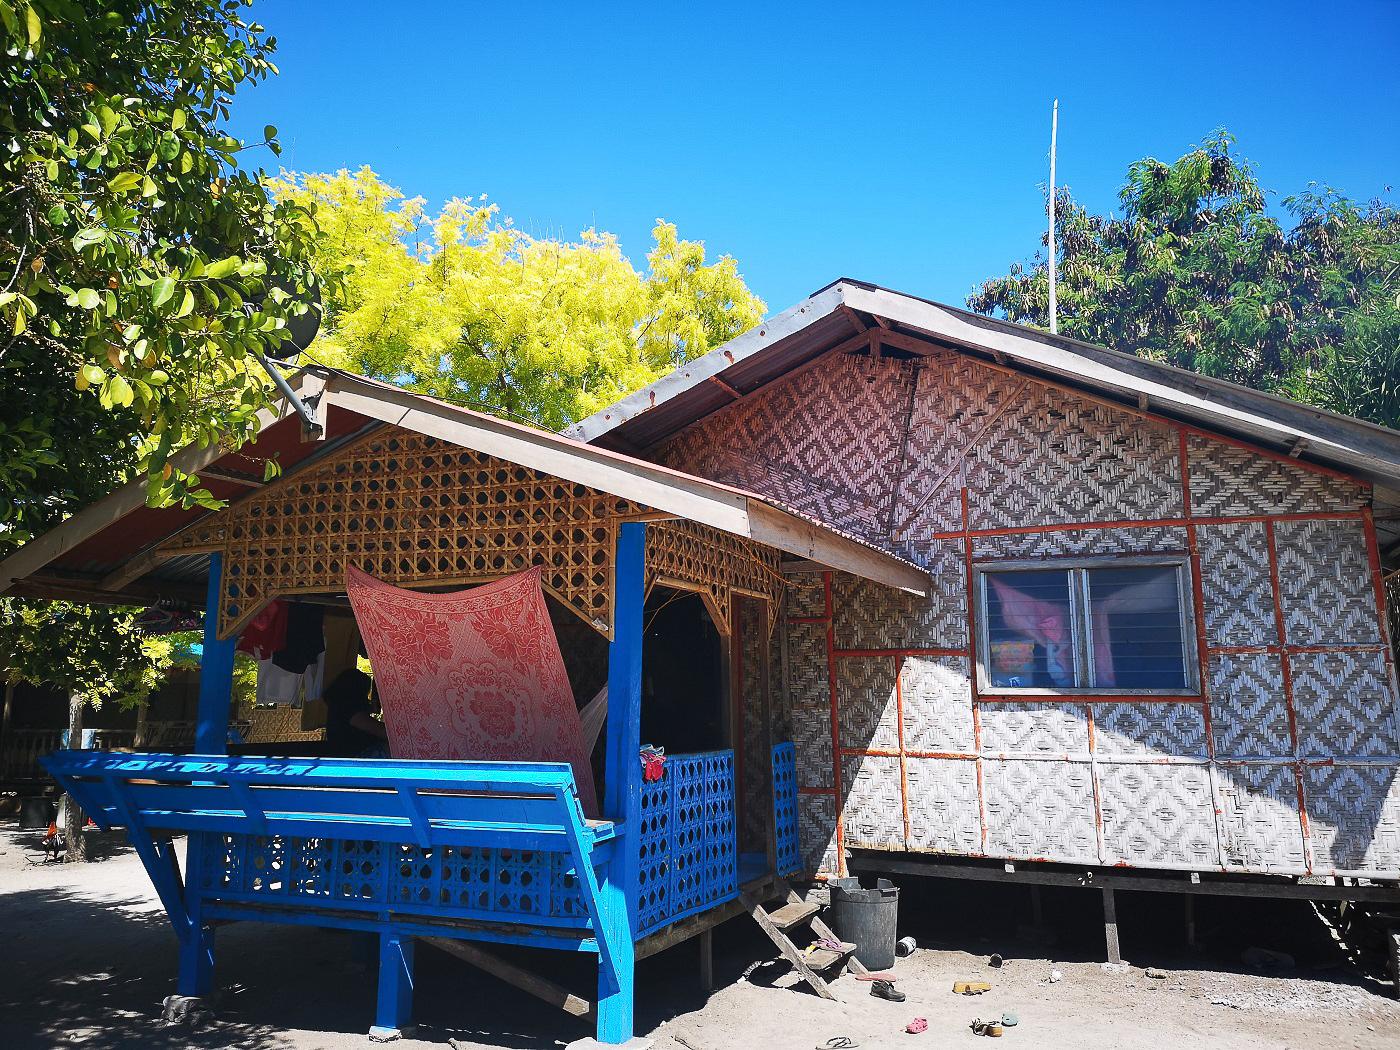 Hutte de paille - Guide voyage aux Philippines